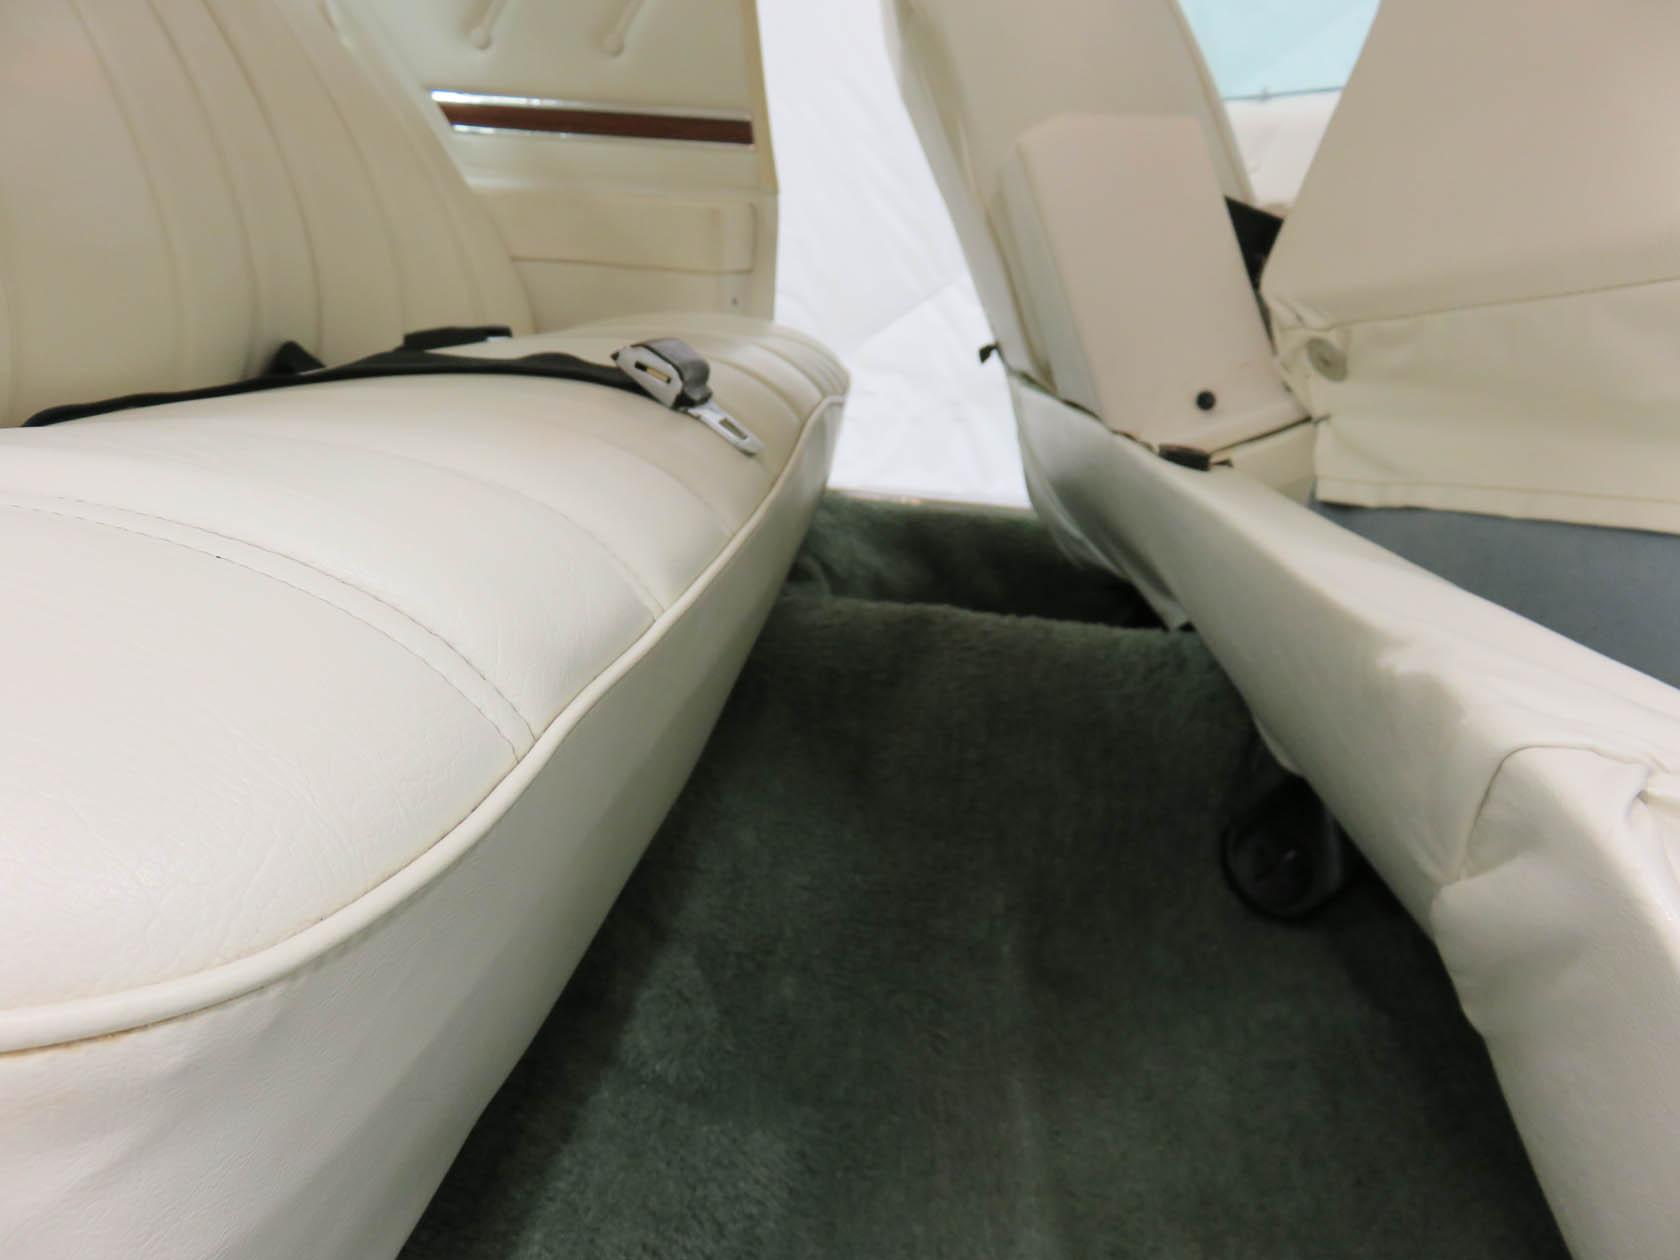 Michael Esposito - 1974 Oldsmobile Cutlasss Supreme 447